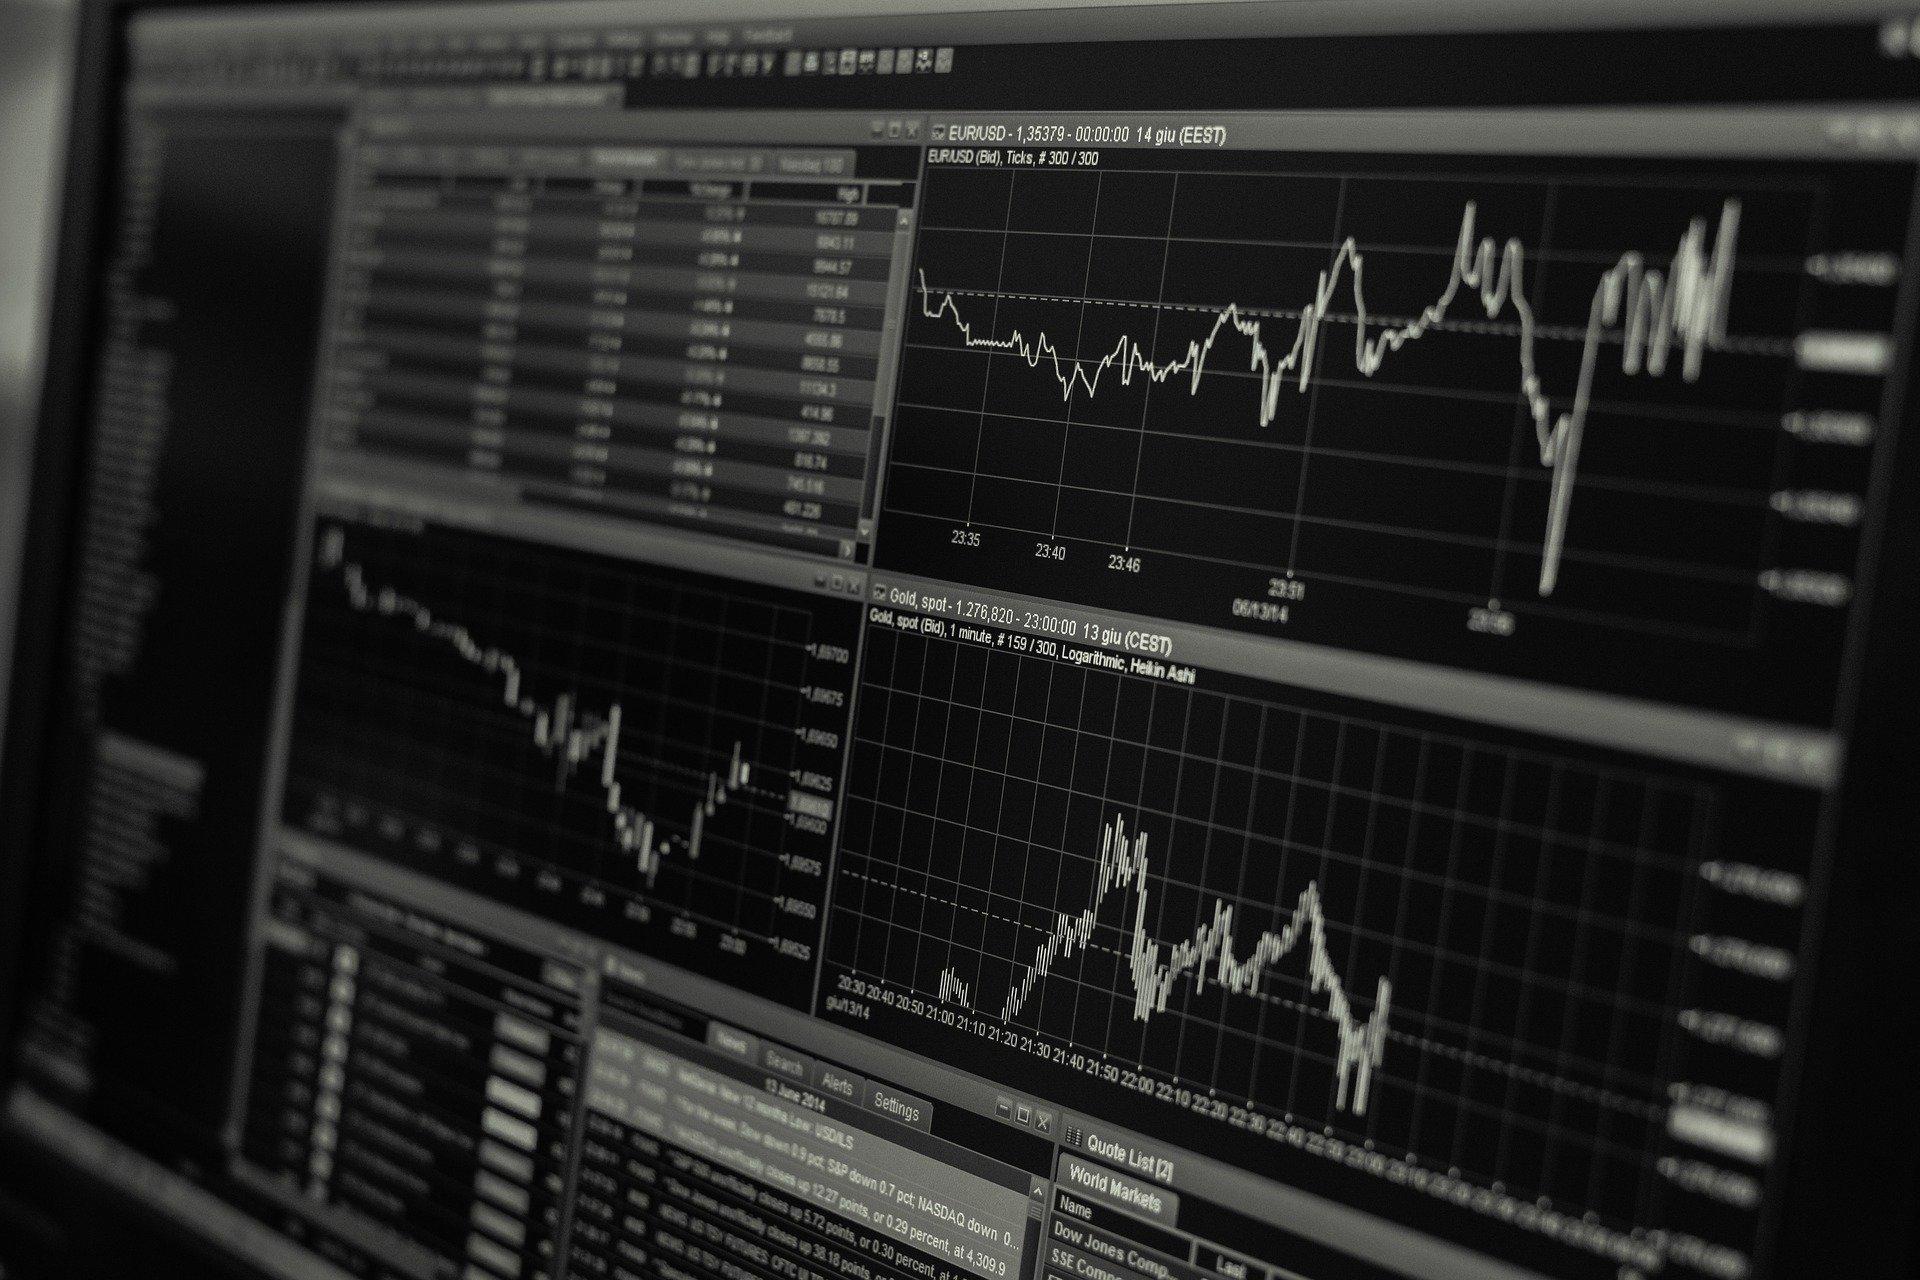 Consultorio de análisis técnico: Repsol, Santander, Ence, Enagás, Rovi, Deoleo, Miquel y Costas y Royal Caribbean